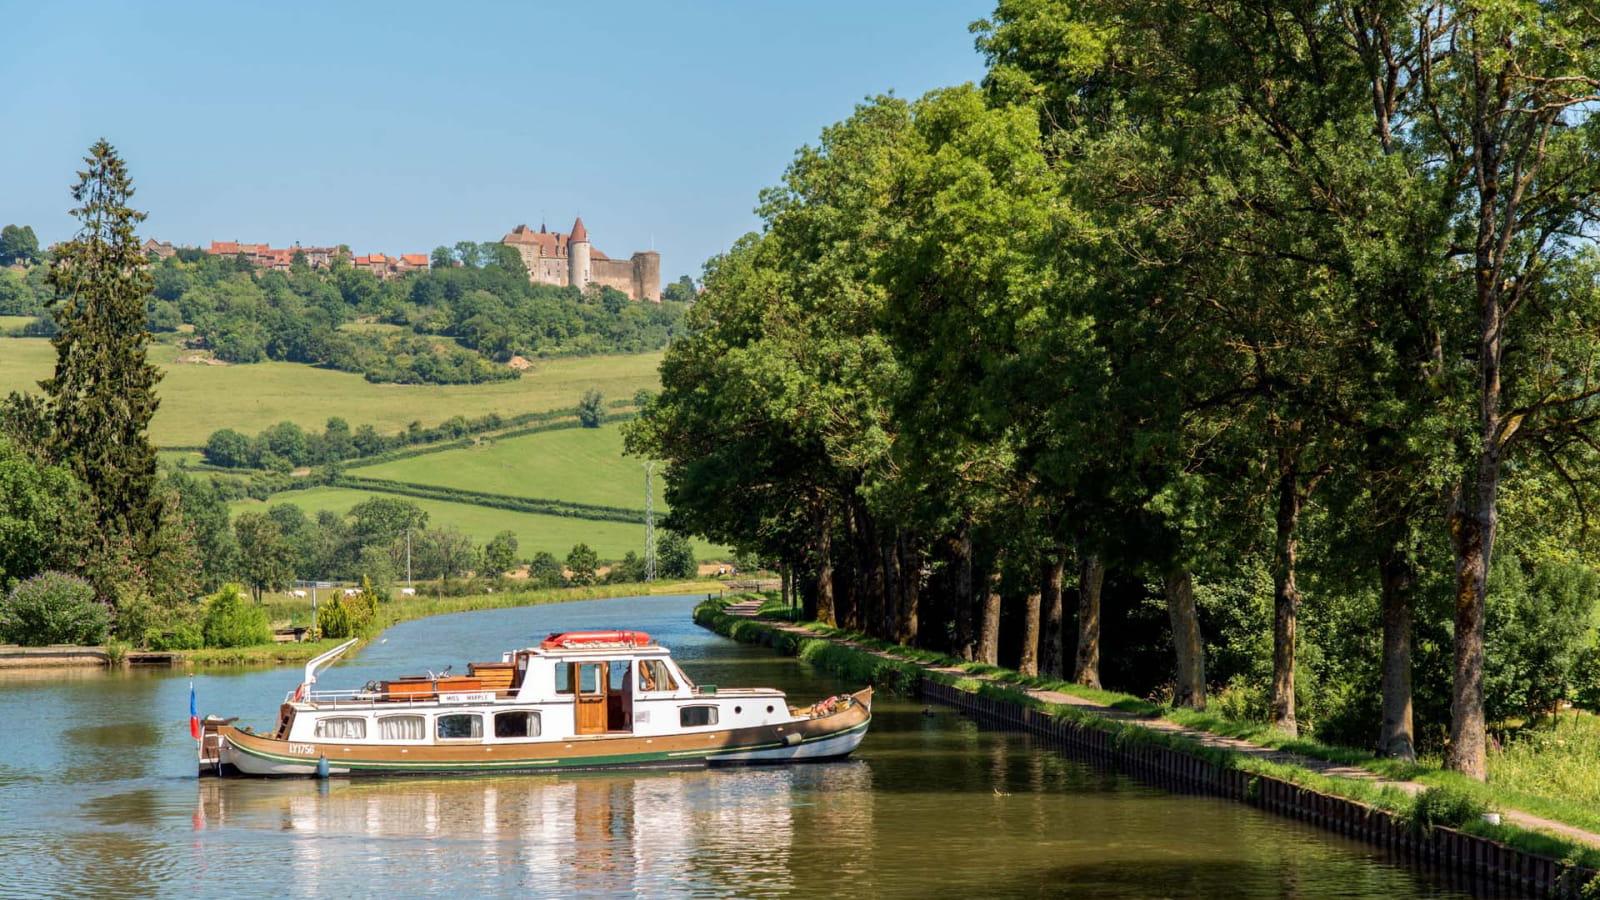 Vue sur Châteauneuf depuis le canal de Bourgogne